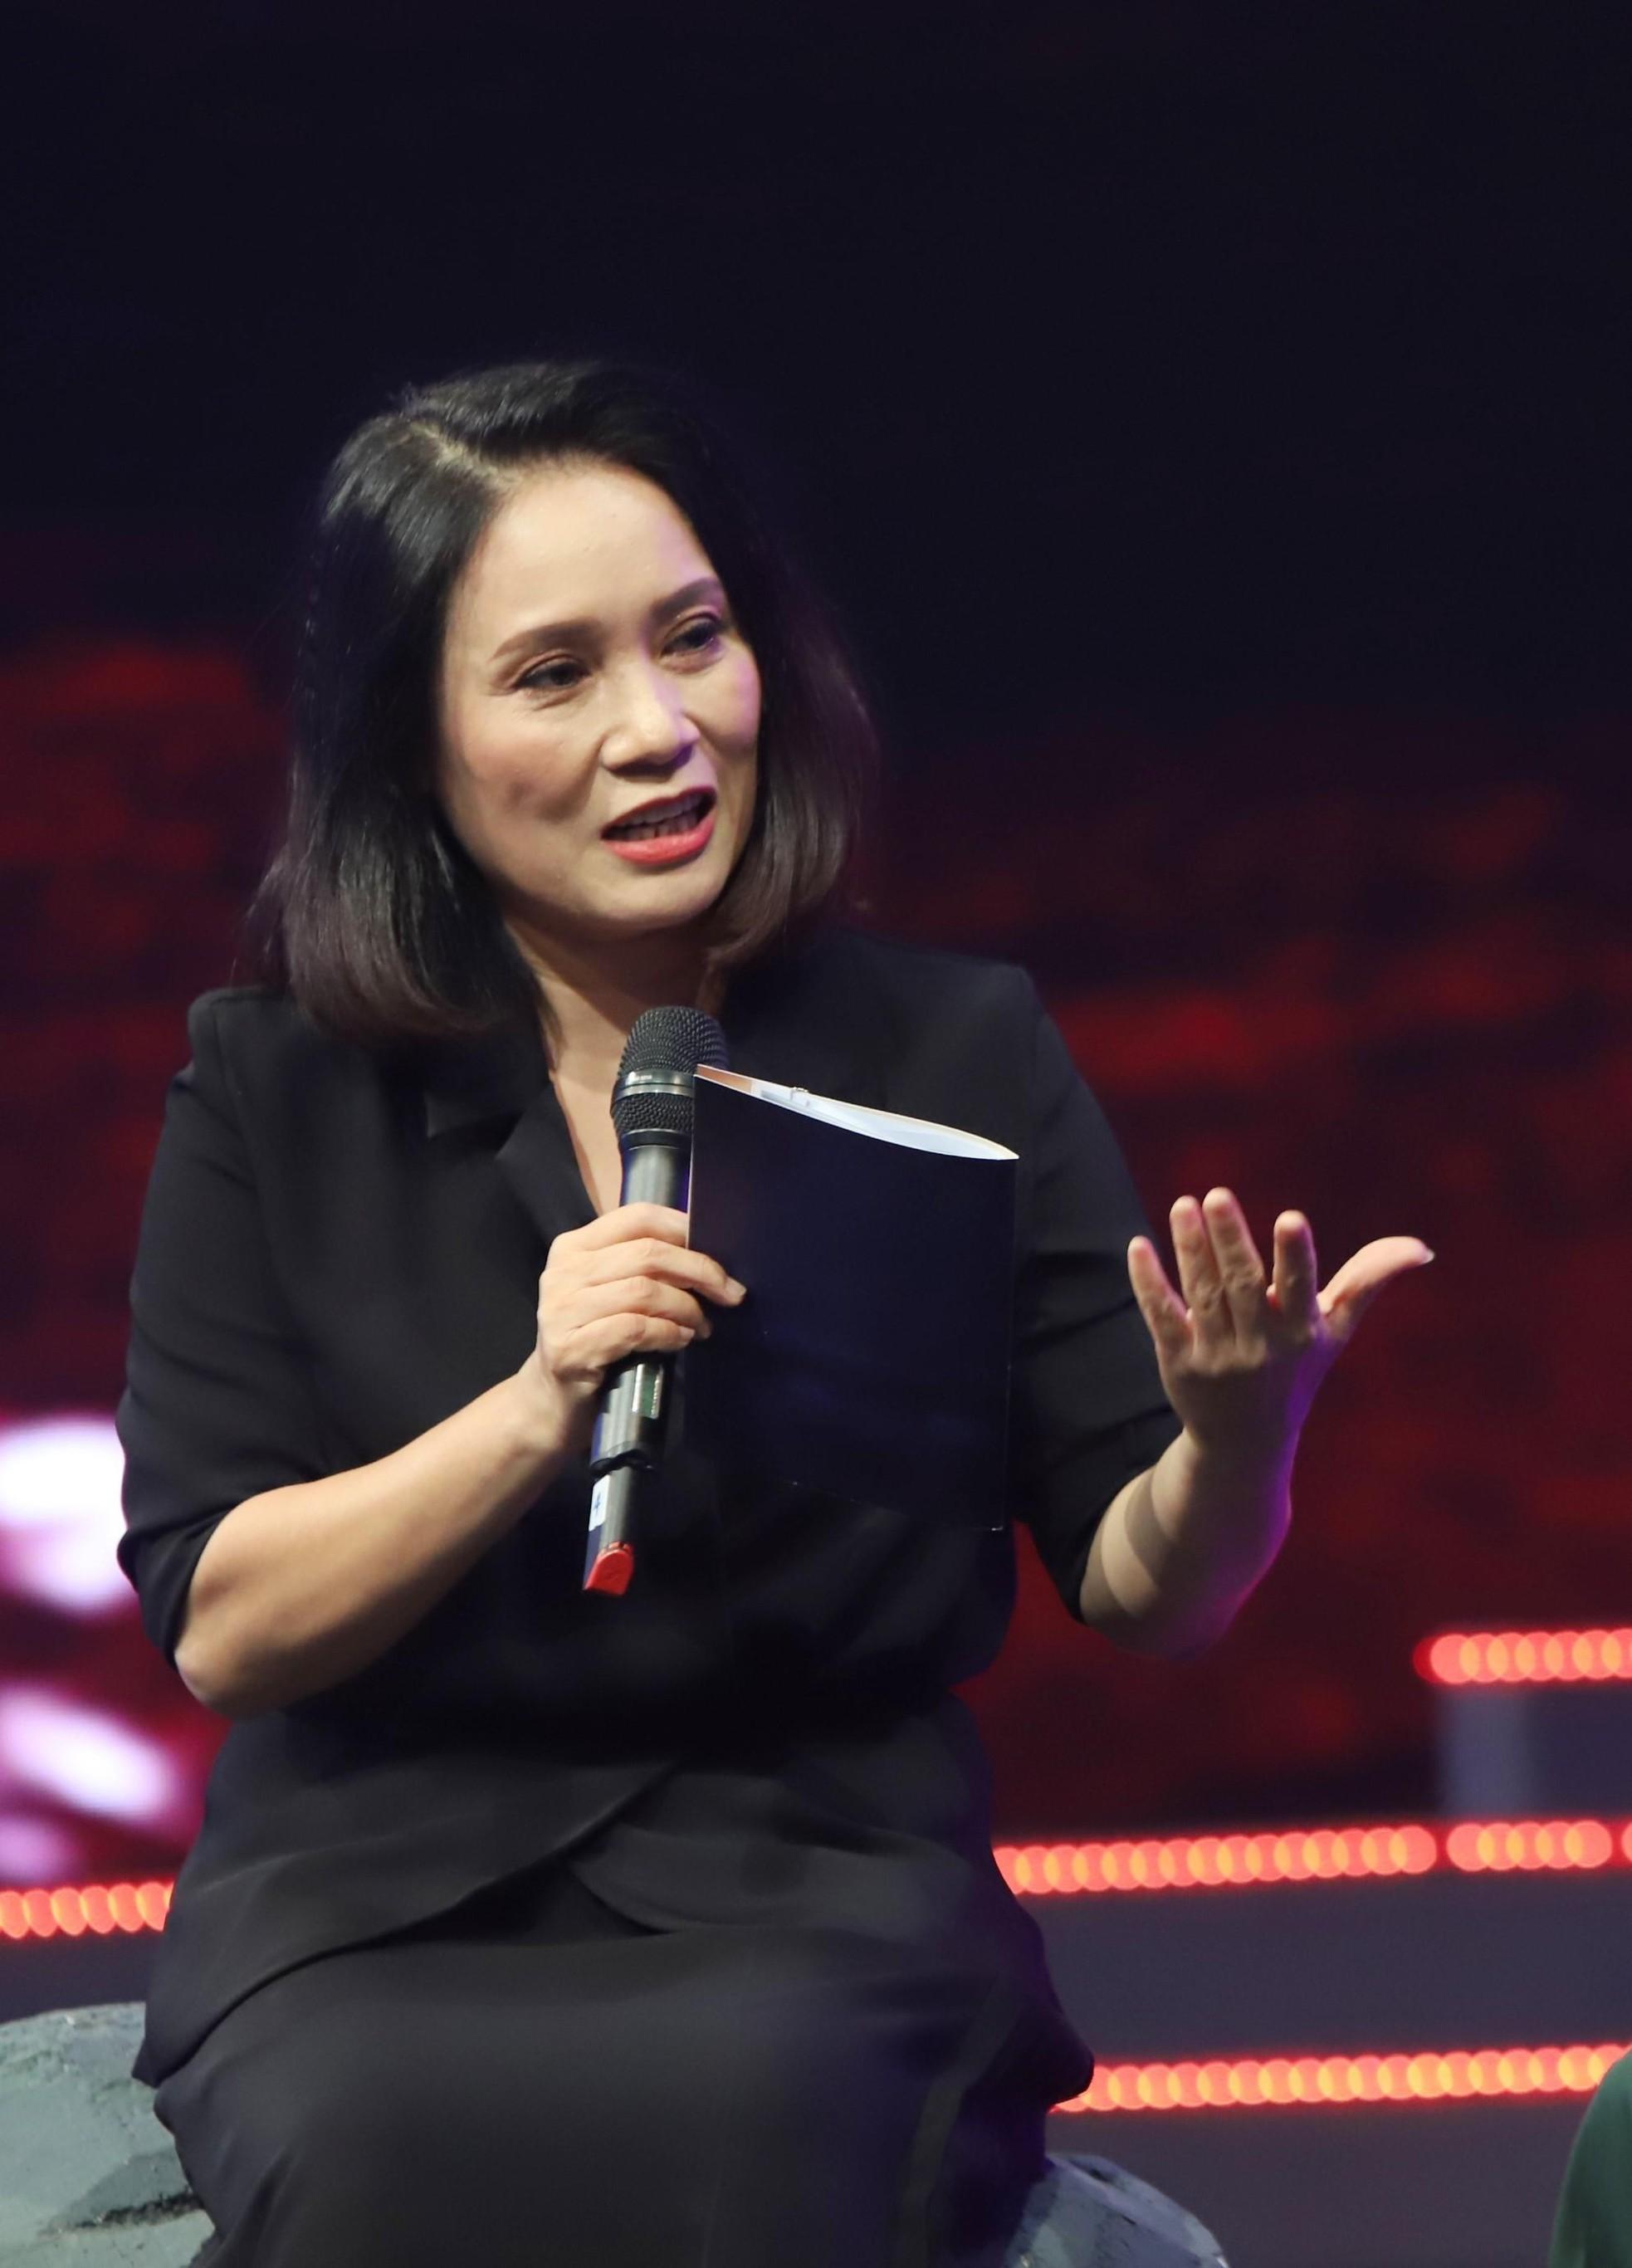 Loạt ảnh thời trẻ gây 'bão' của MC Lại Văn Sâm, Diễm Quỳnh, Tạ Bích Loan ảnh 6